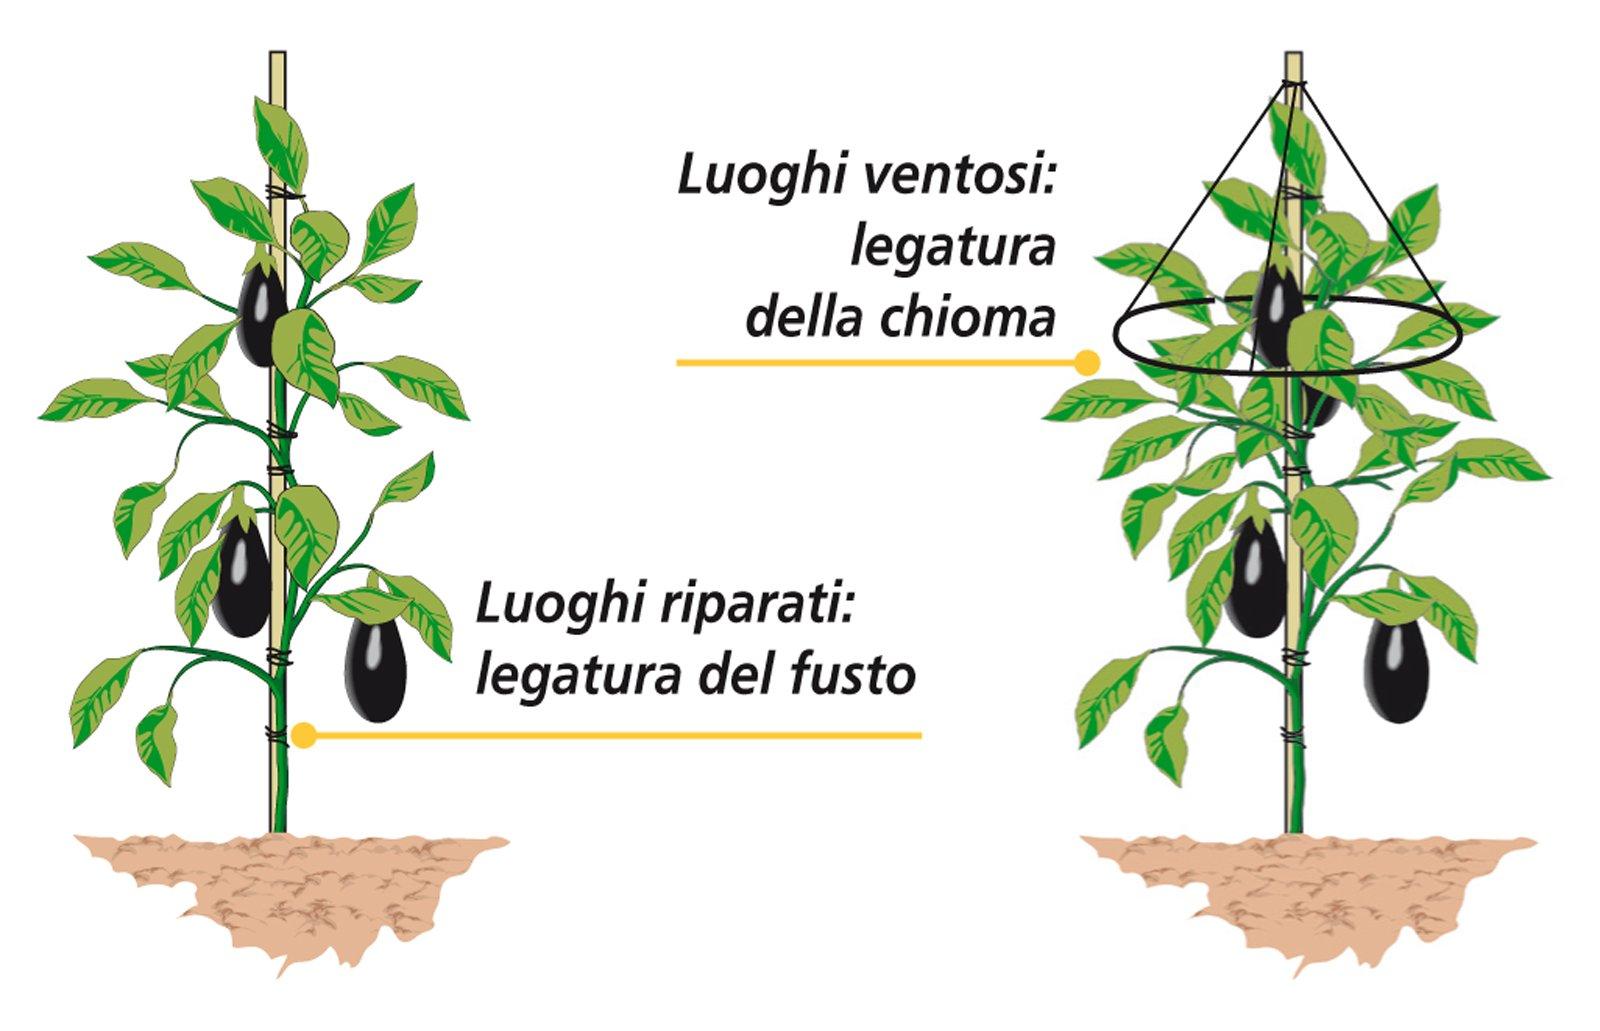 Sostegni Per Pomodori In Vaso i consigli per coltivare melanzane perfette. trapianto